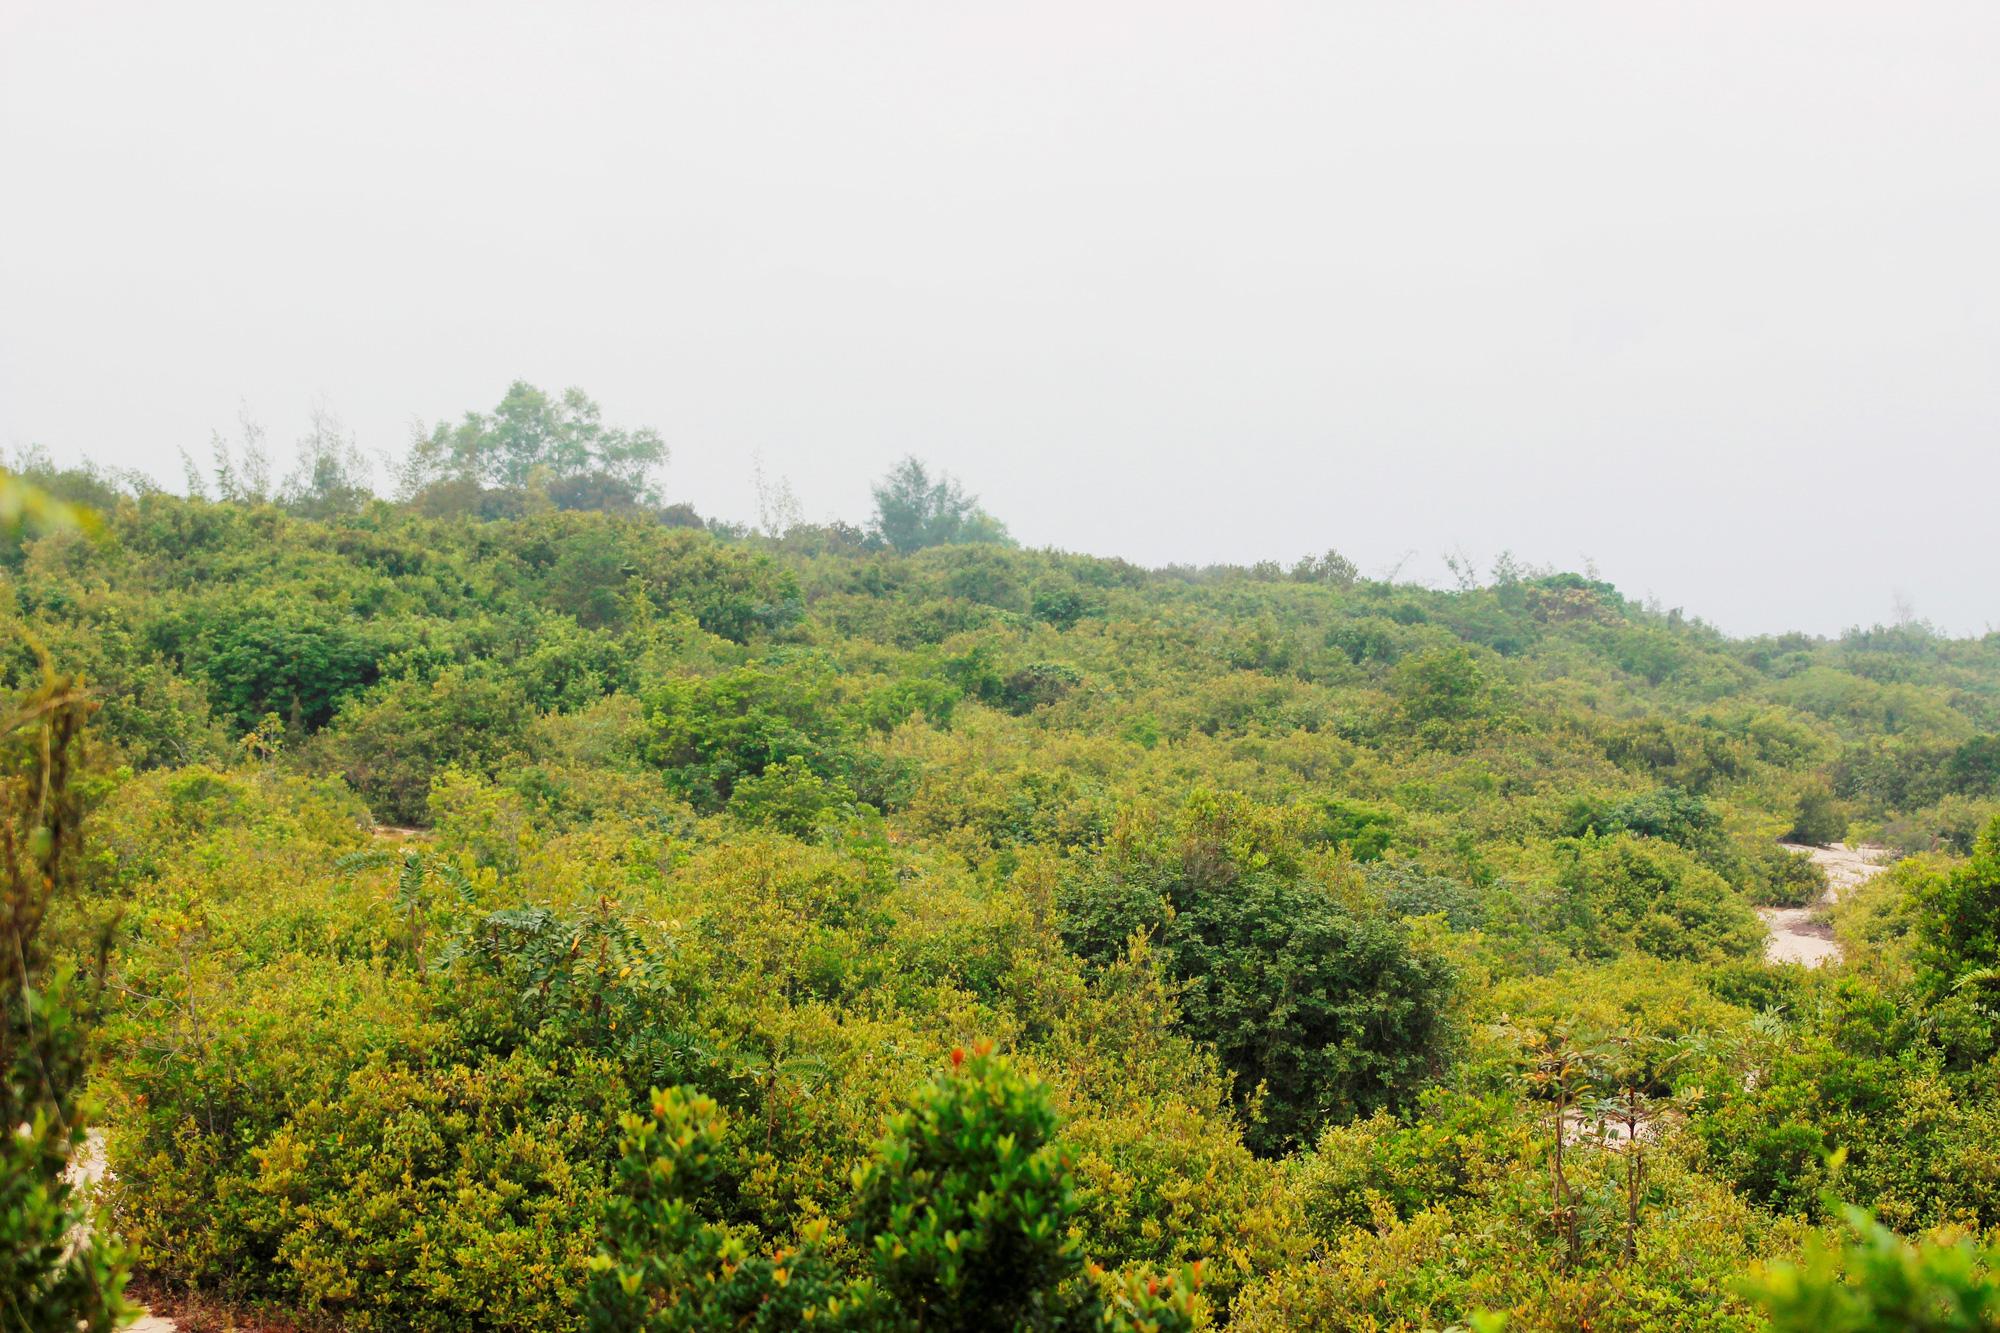 Rừng trâm bầu cổ thụ, gần 500 tuổi ở thôn Thanh Bình, xã Quảng Xuân, huyện Quảng Trạch, tỉnh Quảng Bình. Ảnh: PV